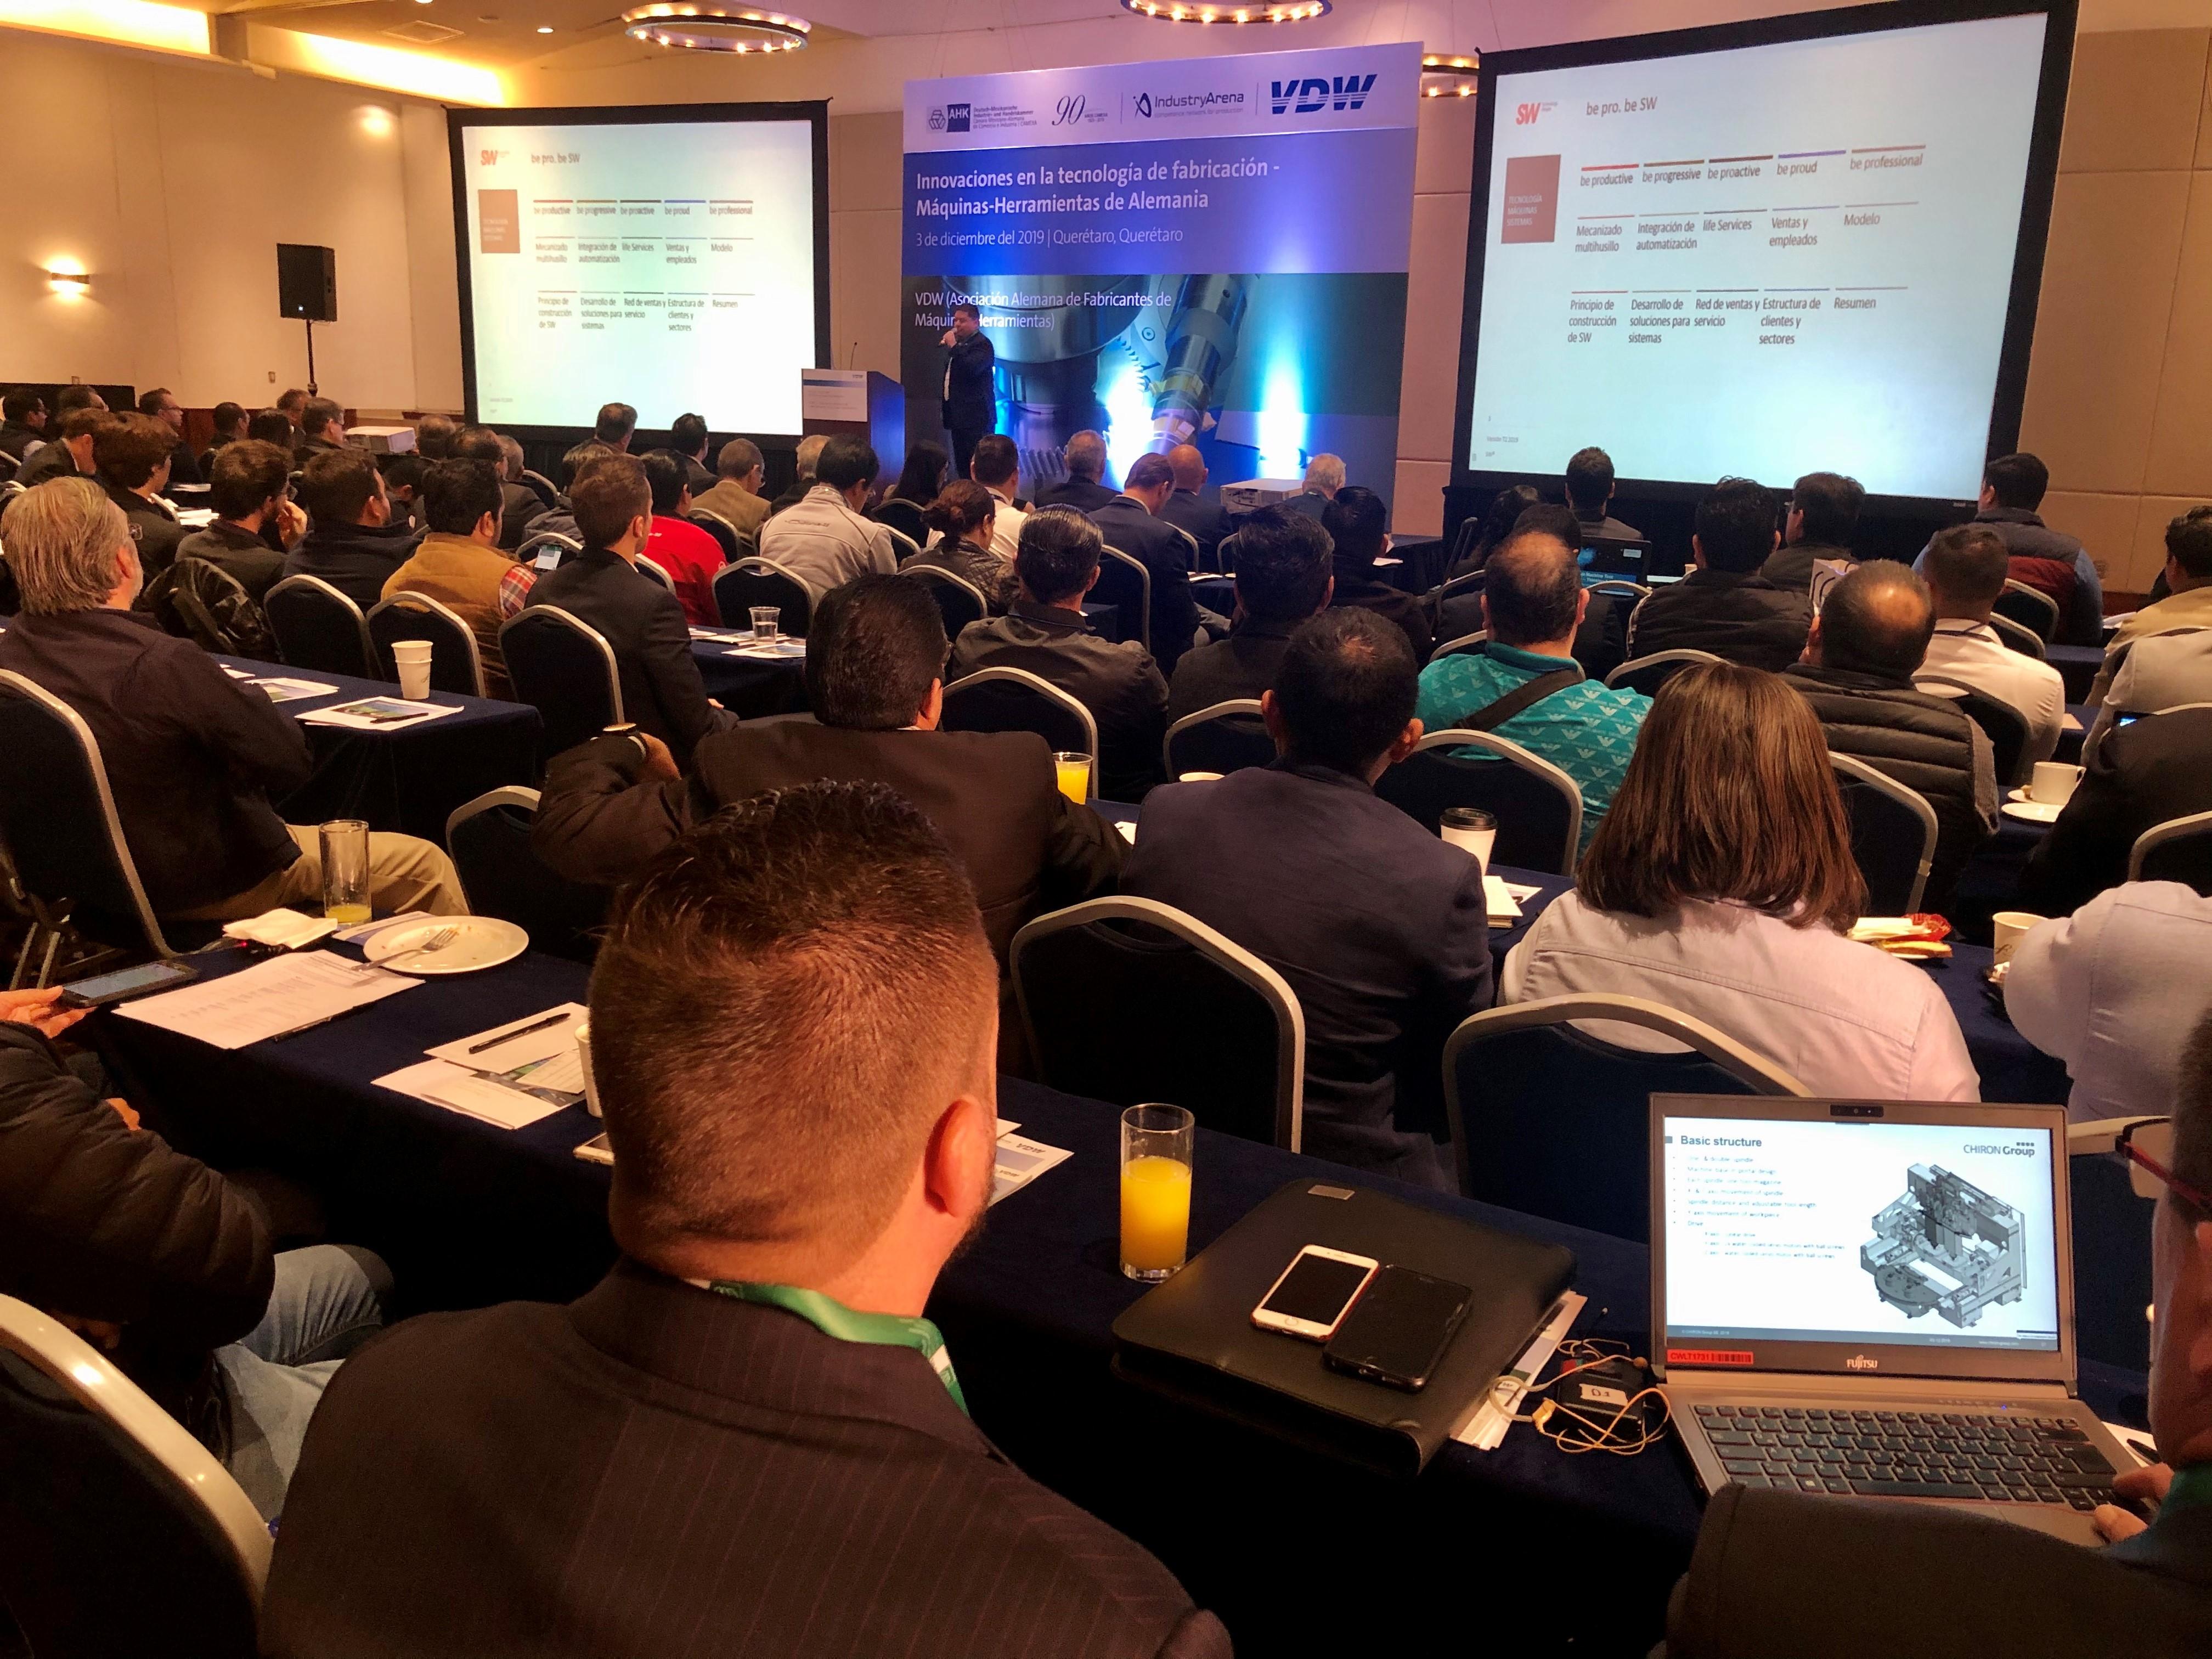 Mit rd. 300 hochqualifizierten Fachbesuchern waren die VDW-Symposien 2019 in Querétaro und Monterrey, Mexiko, ein voller Erfolg. Neben Vorträgen und B2B-Meetings standen auch Unternehmensbesuche auf dem Programm.